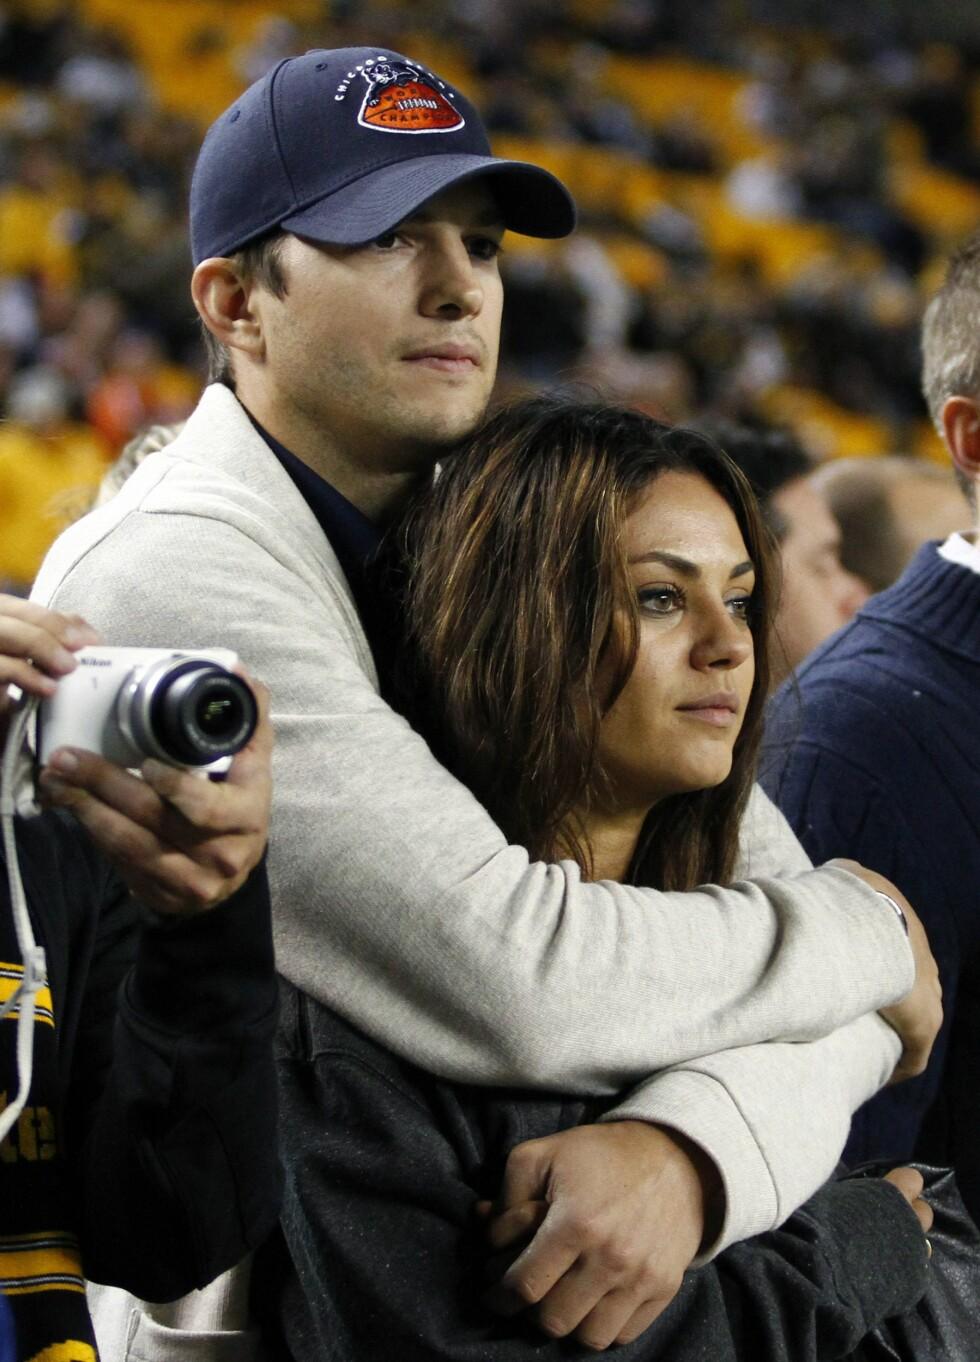 FORELSKET: Etter bruddet fra Demi Moore fant Ashton Kutcher lykken med sin tidligere kollega Mila Kunis.  Foto: Afp